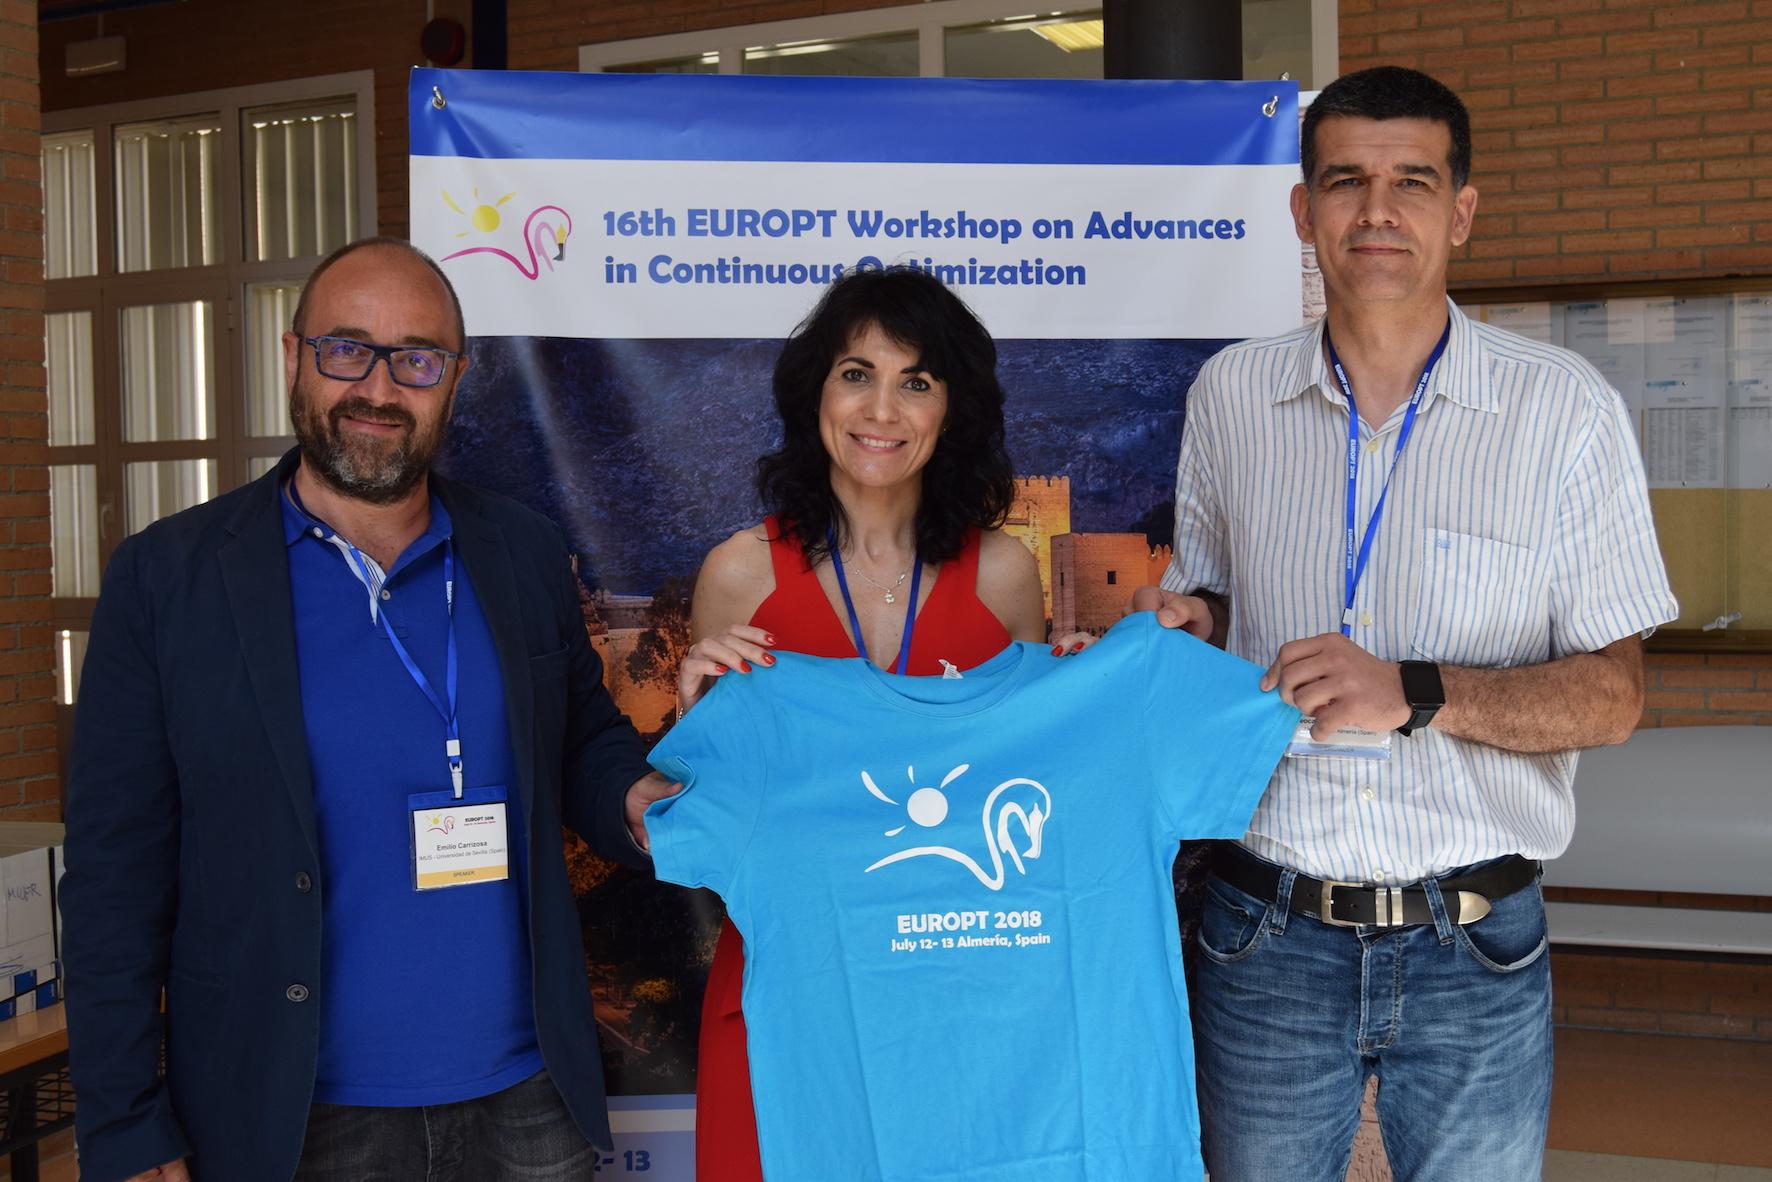 Matemáticas y computación para mejorar la vida cotidiana: el EUROPT llega a la UAL